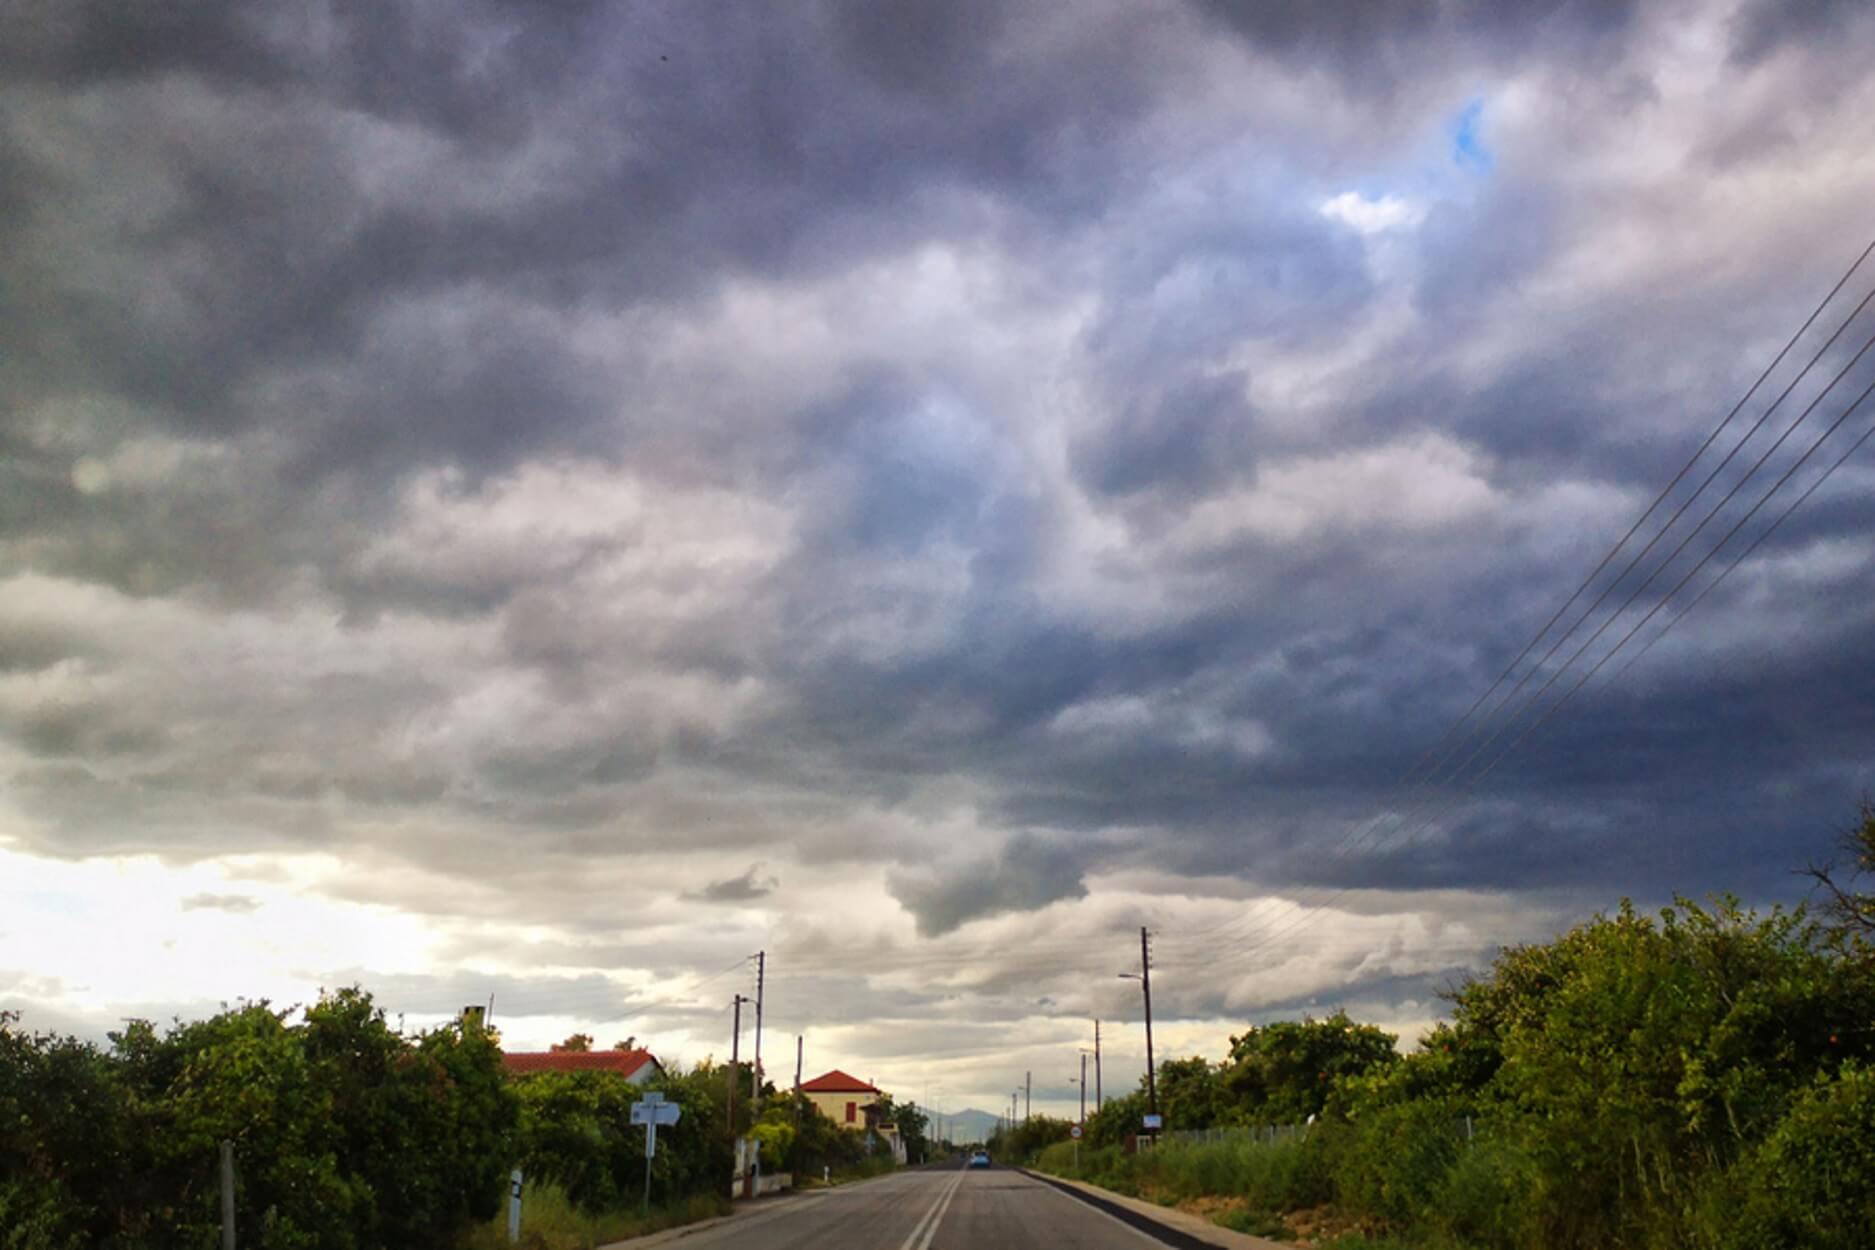 Καλοκαίρι αλλά και βροχές - Δείτε σε ποιές περιοχές θα βρέξει!